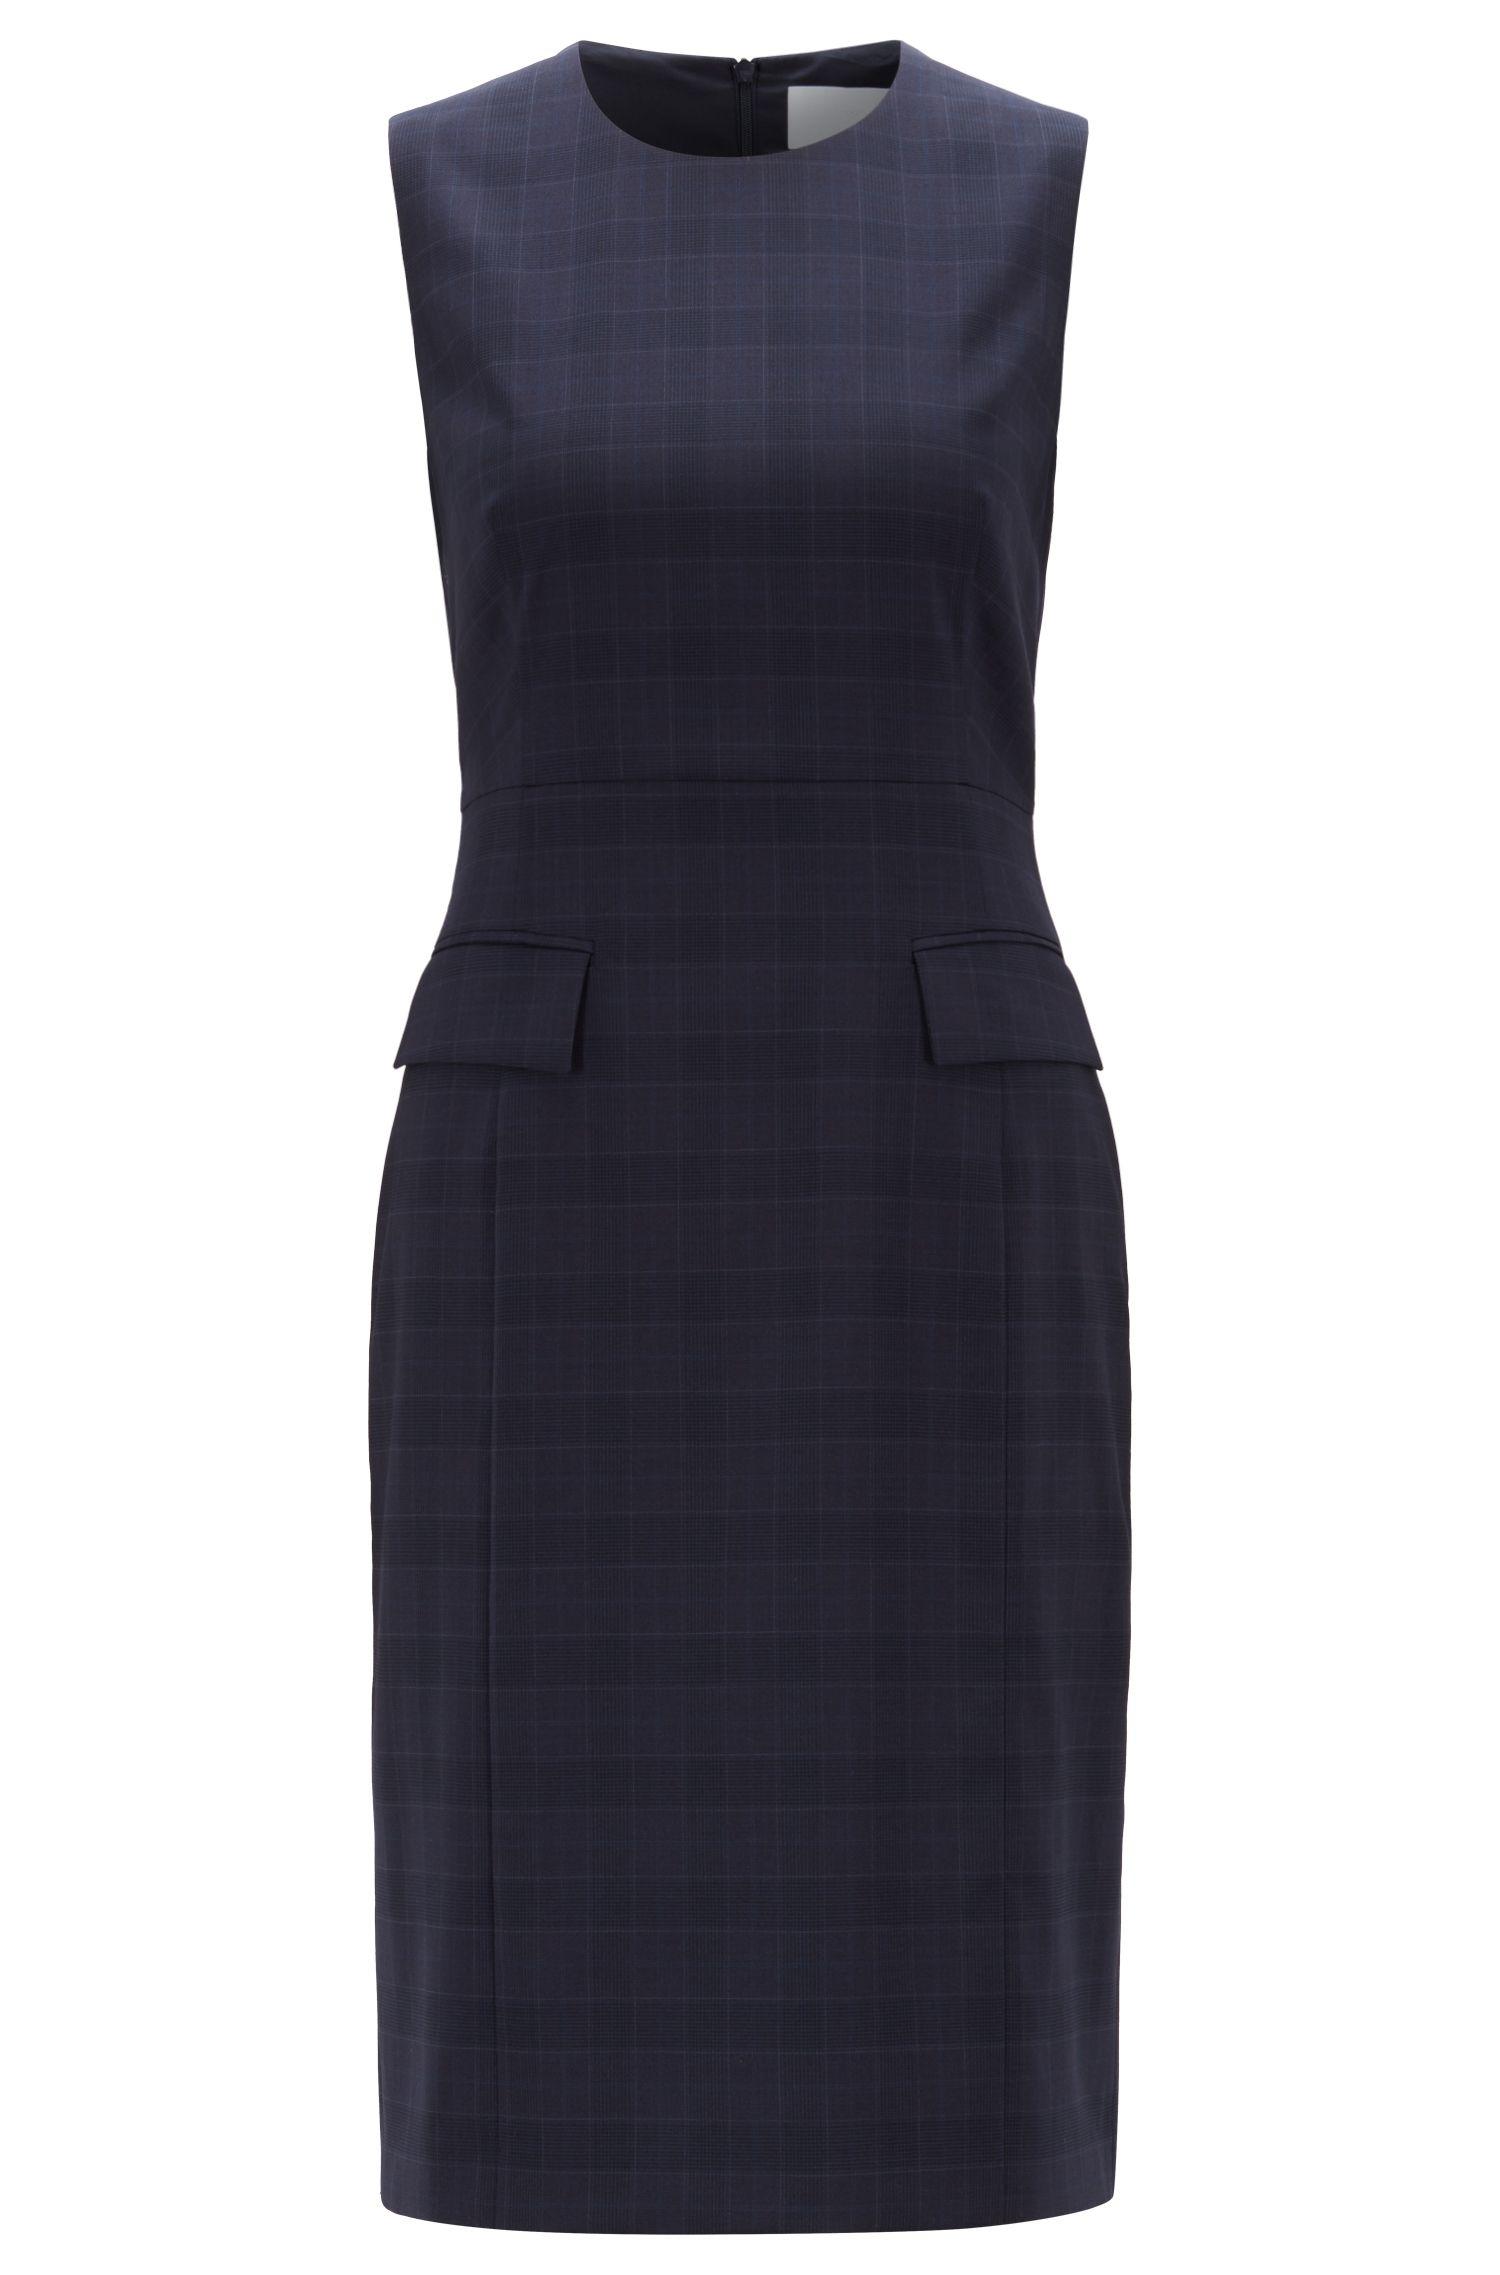 Ärmelloses Business-Kleid aus karierter Schurwolle, Gemustert